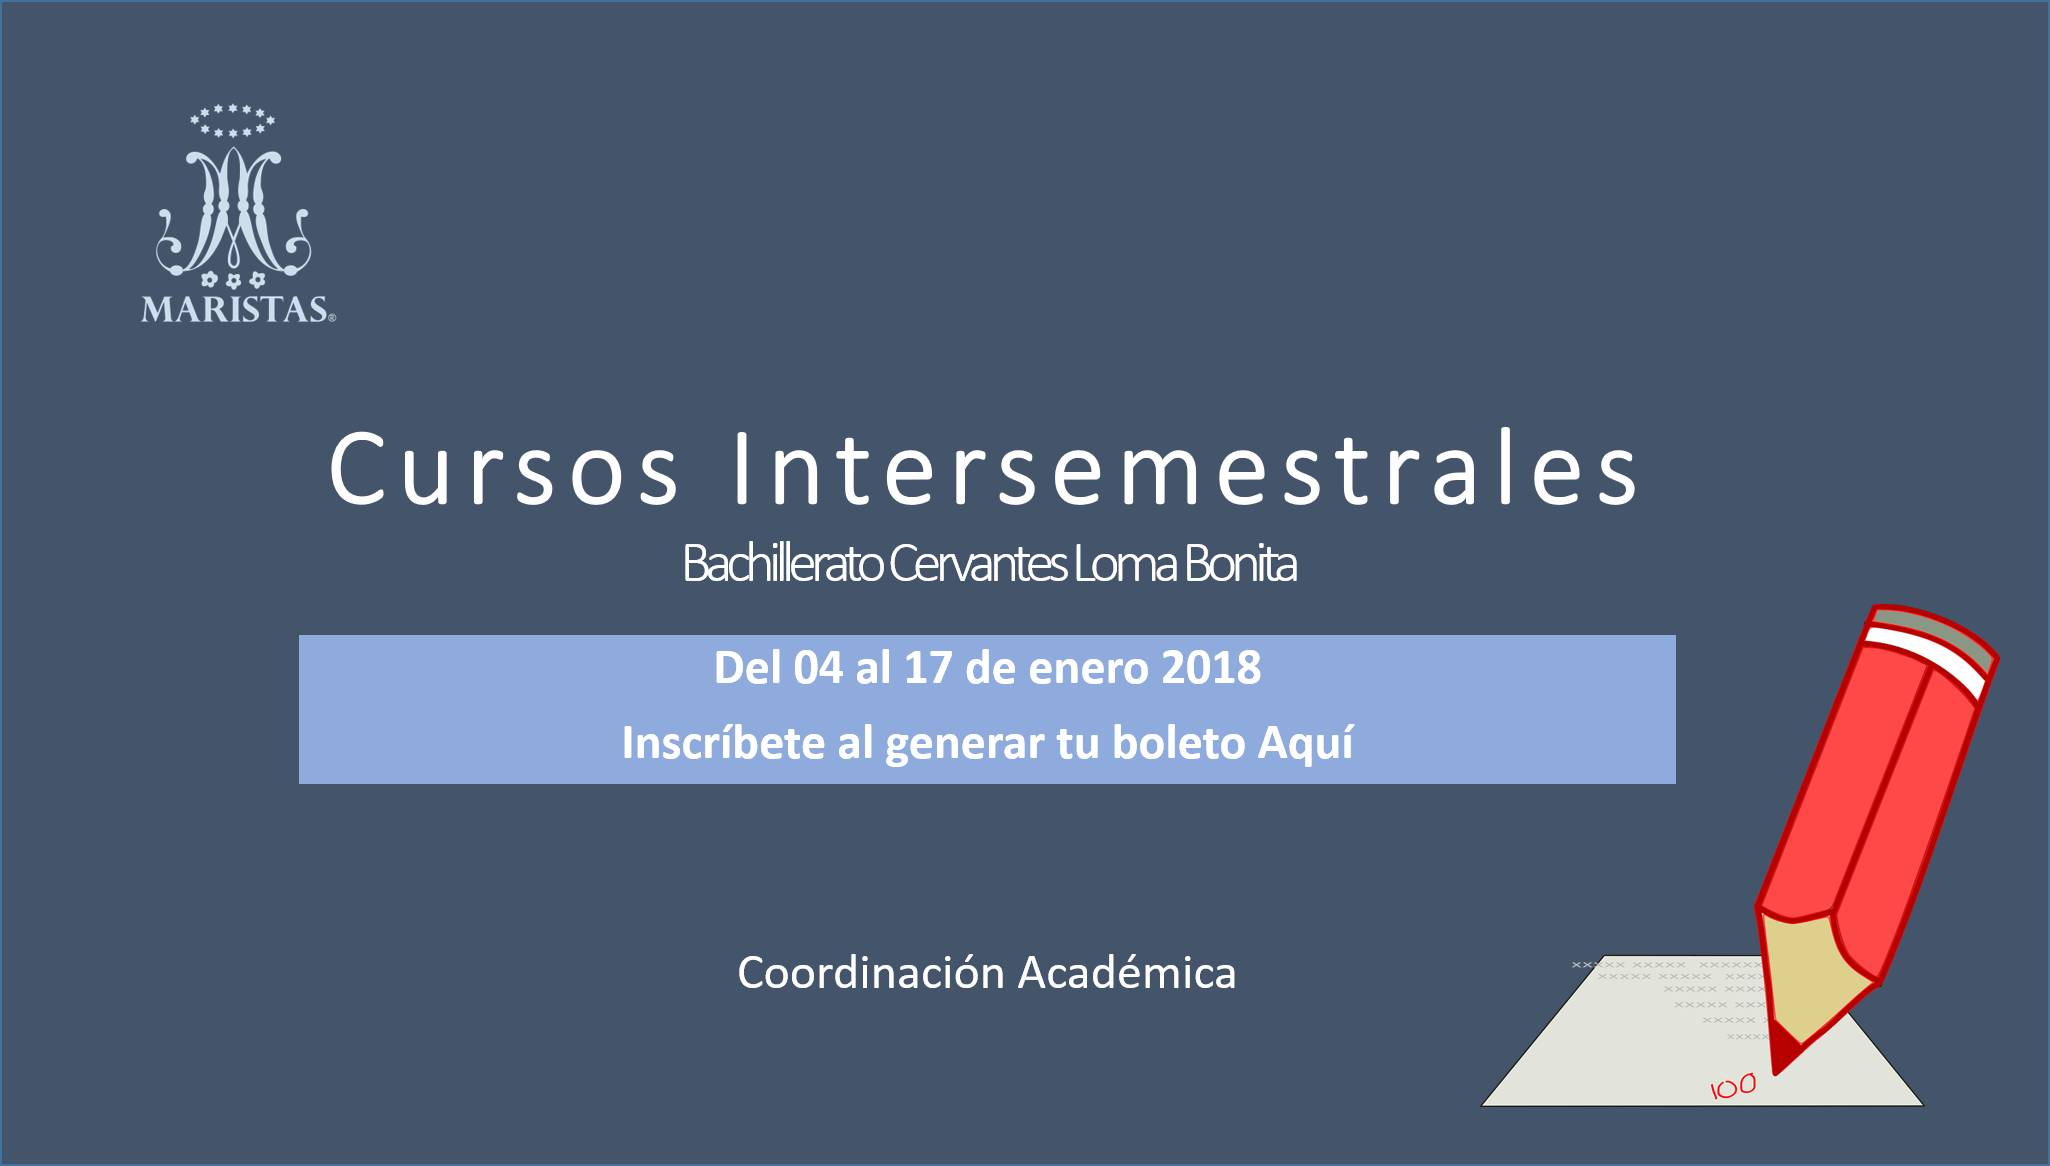 CURSOS INTERSEMESTRALES